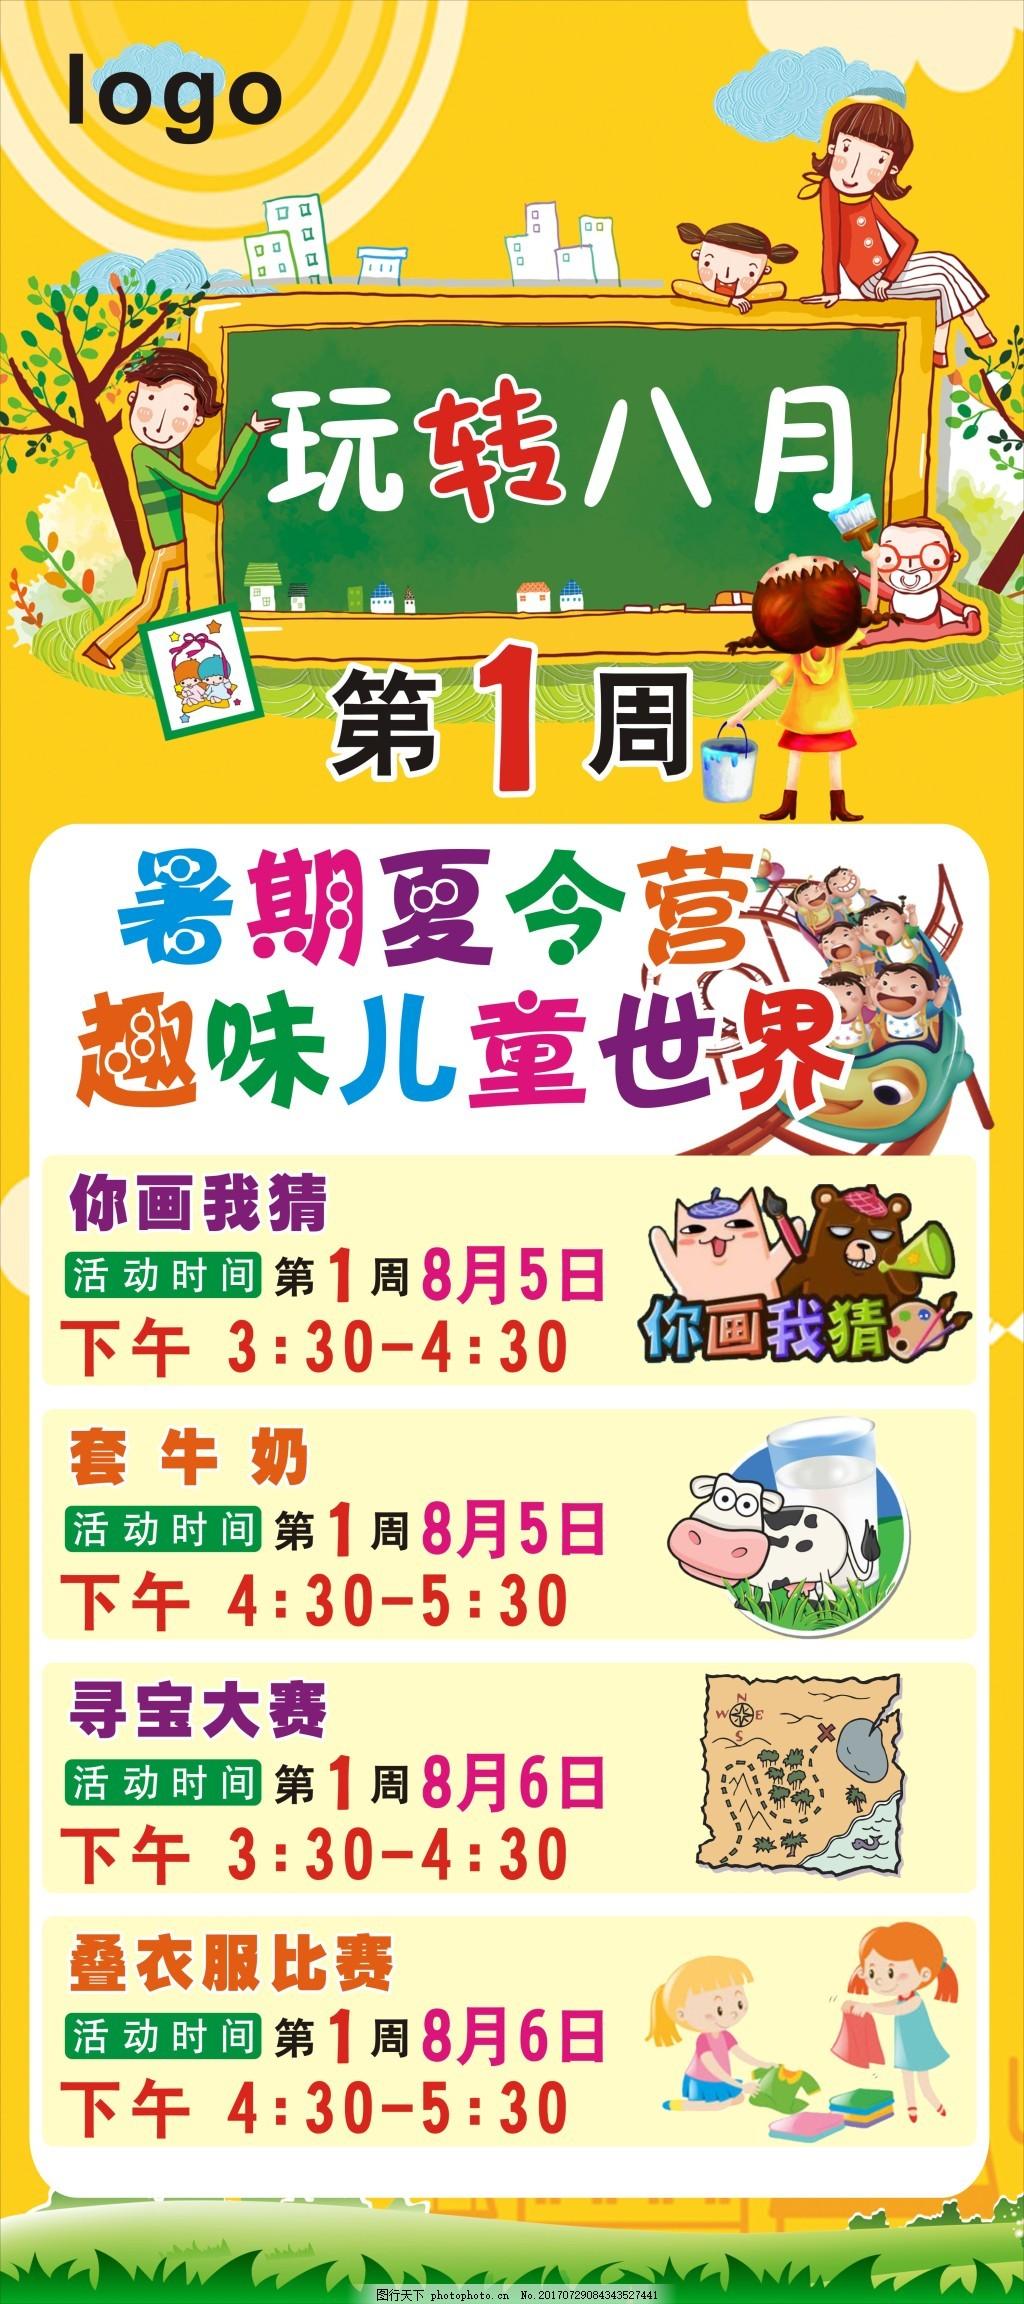 儿童活动快乐暑假展板 易拉宝